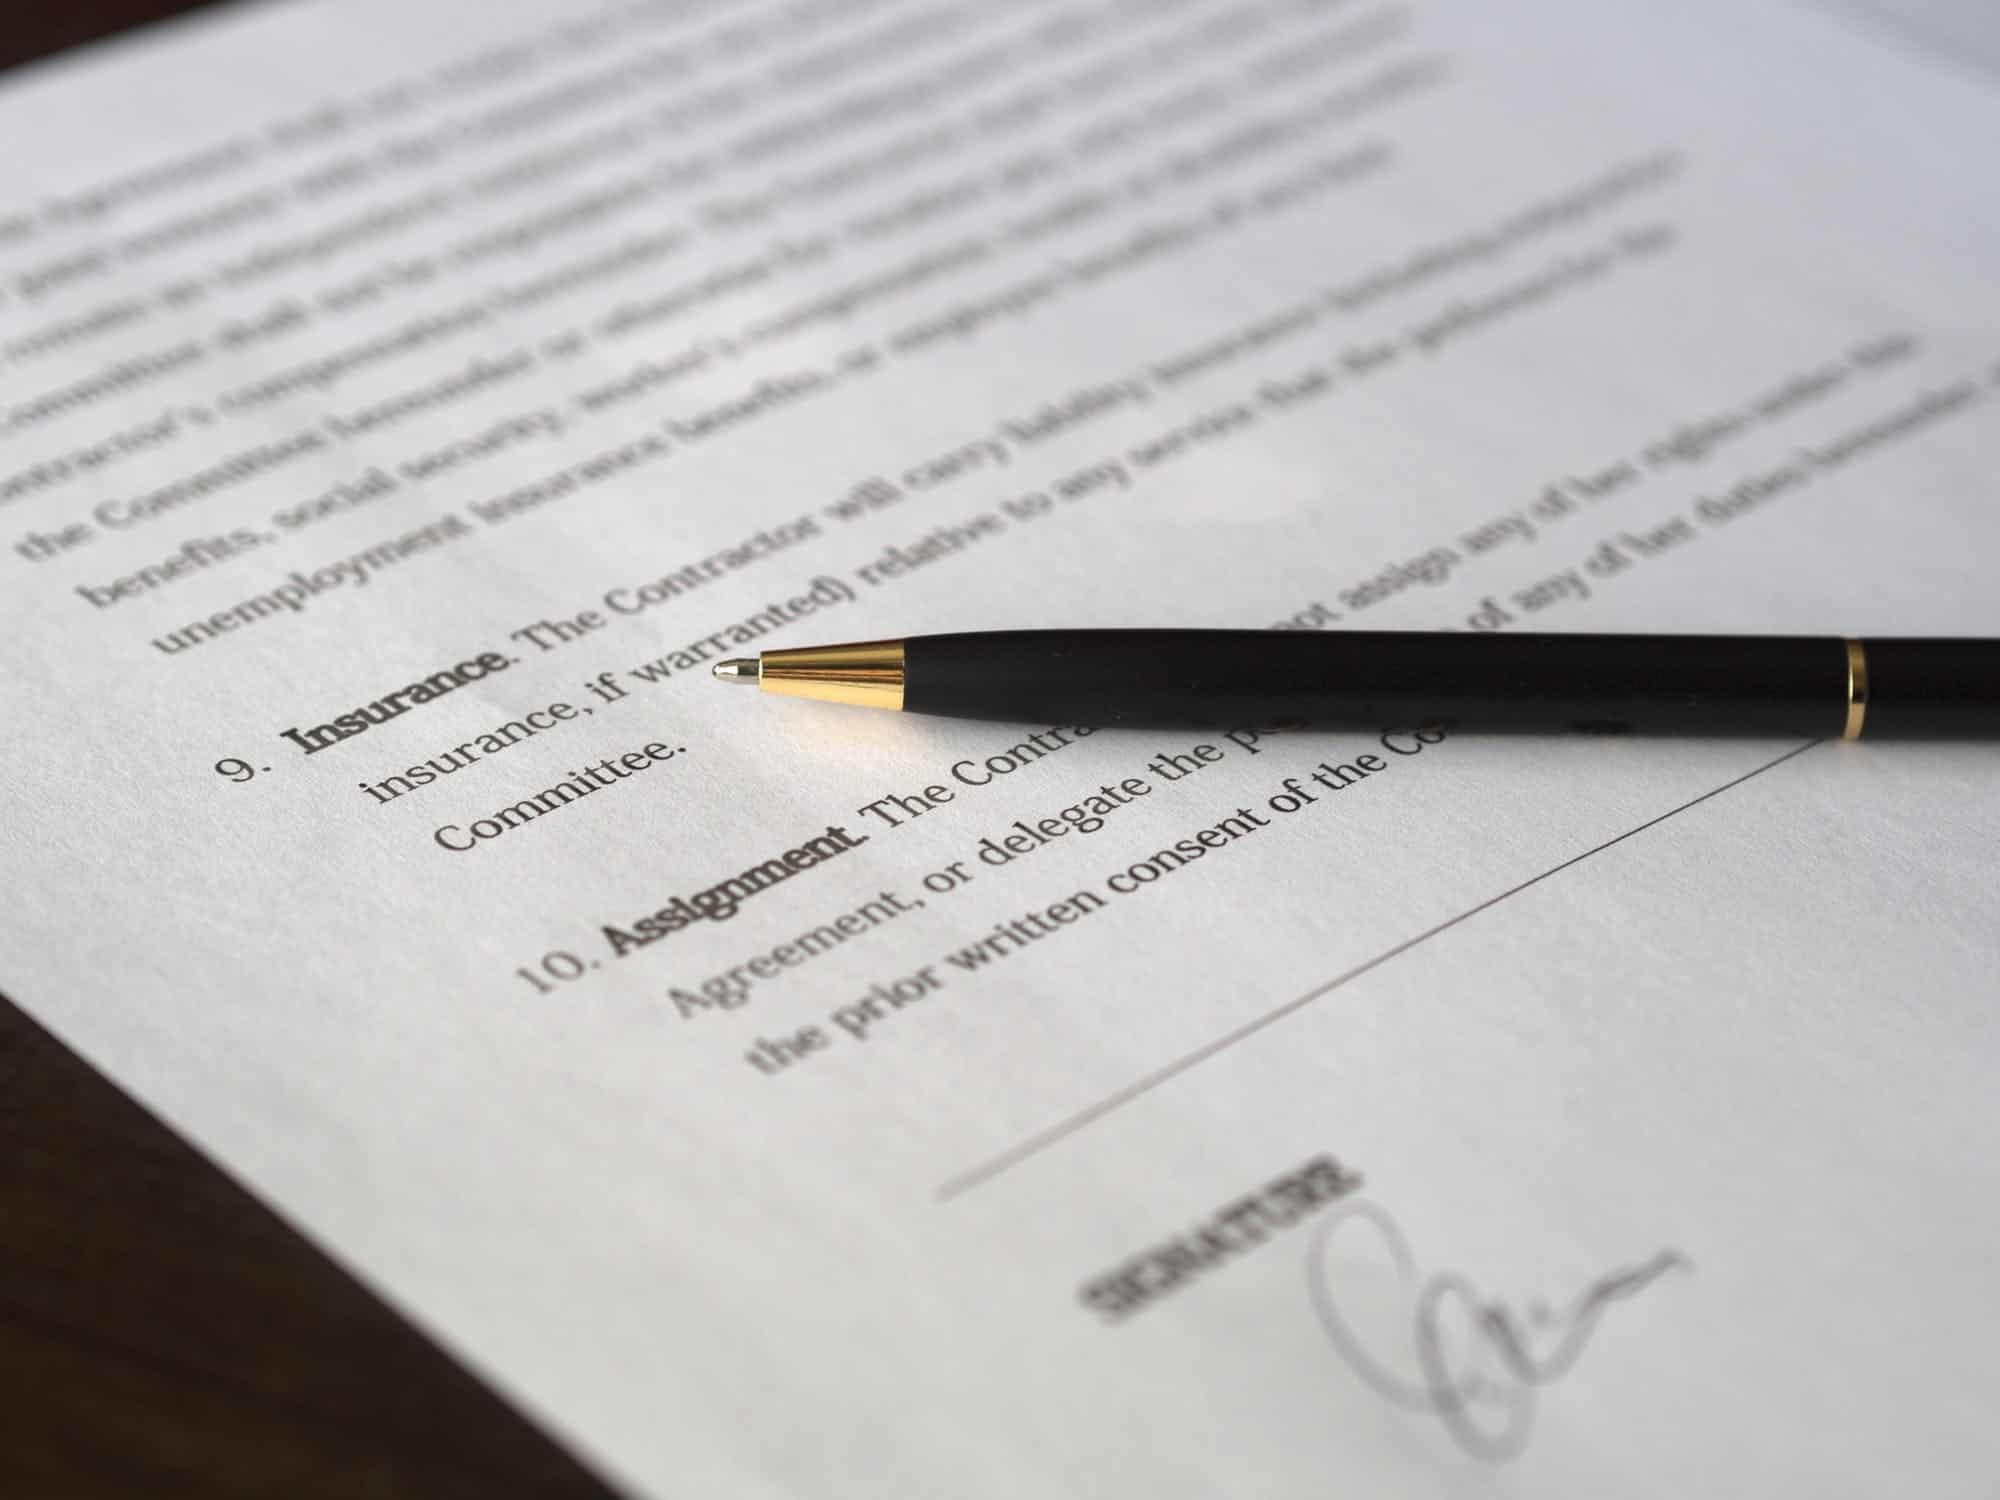 Contrato inteligente pode ser a resposta para redução de custos